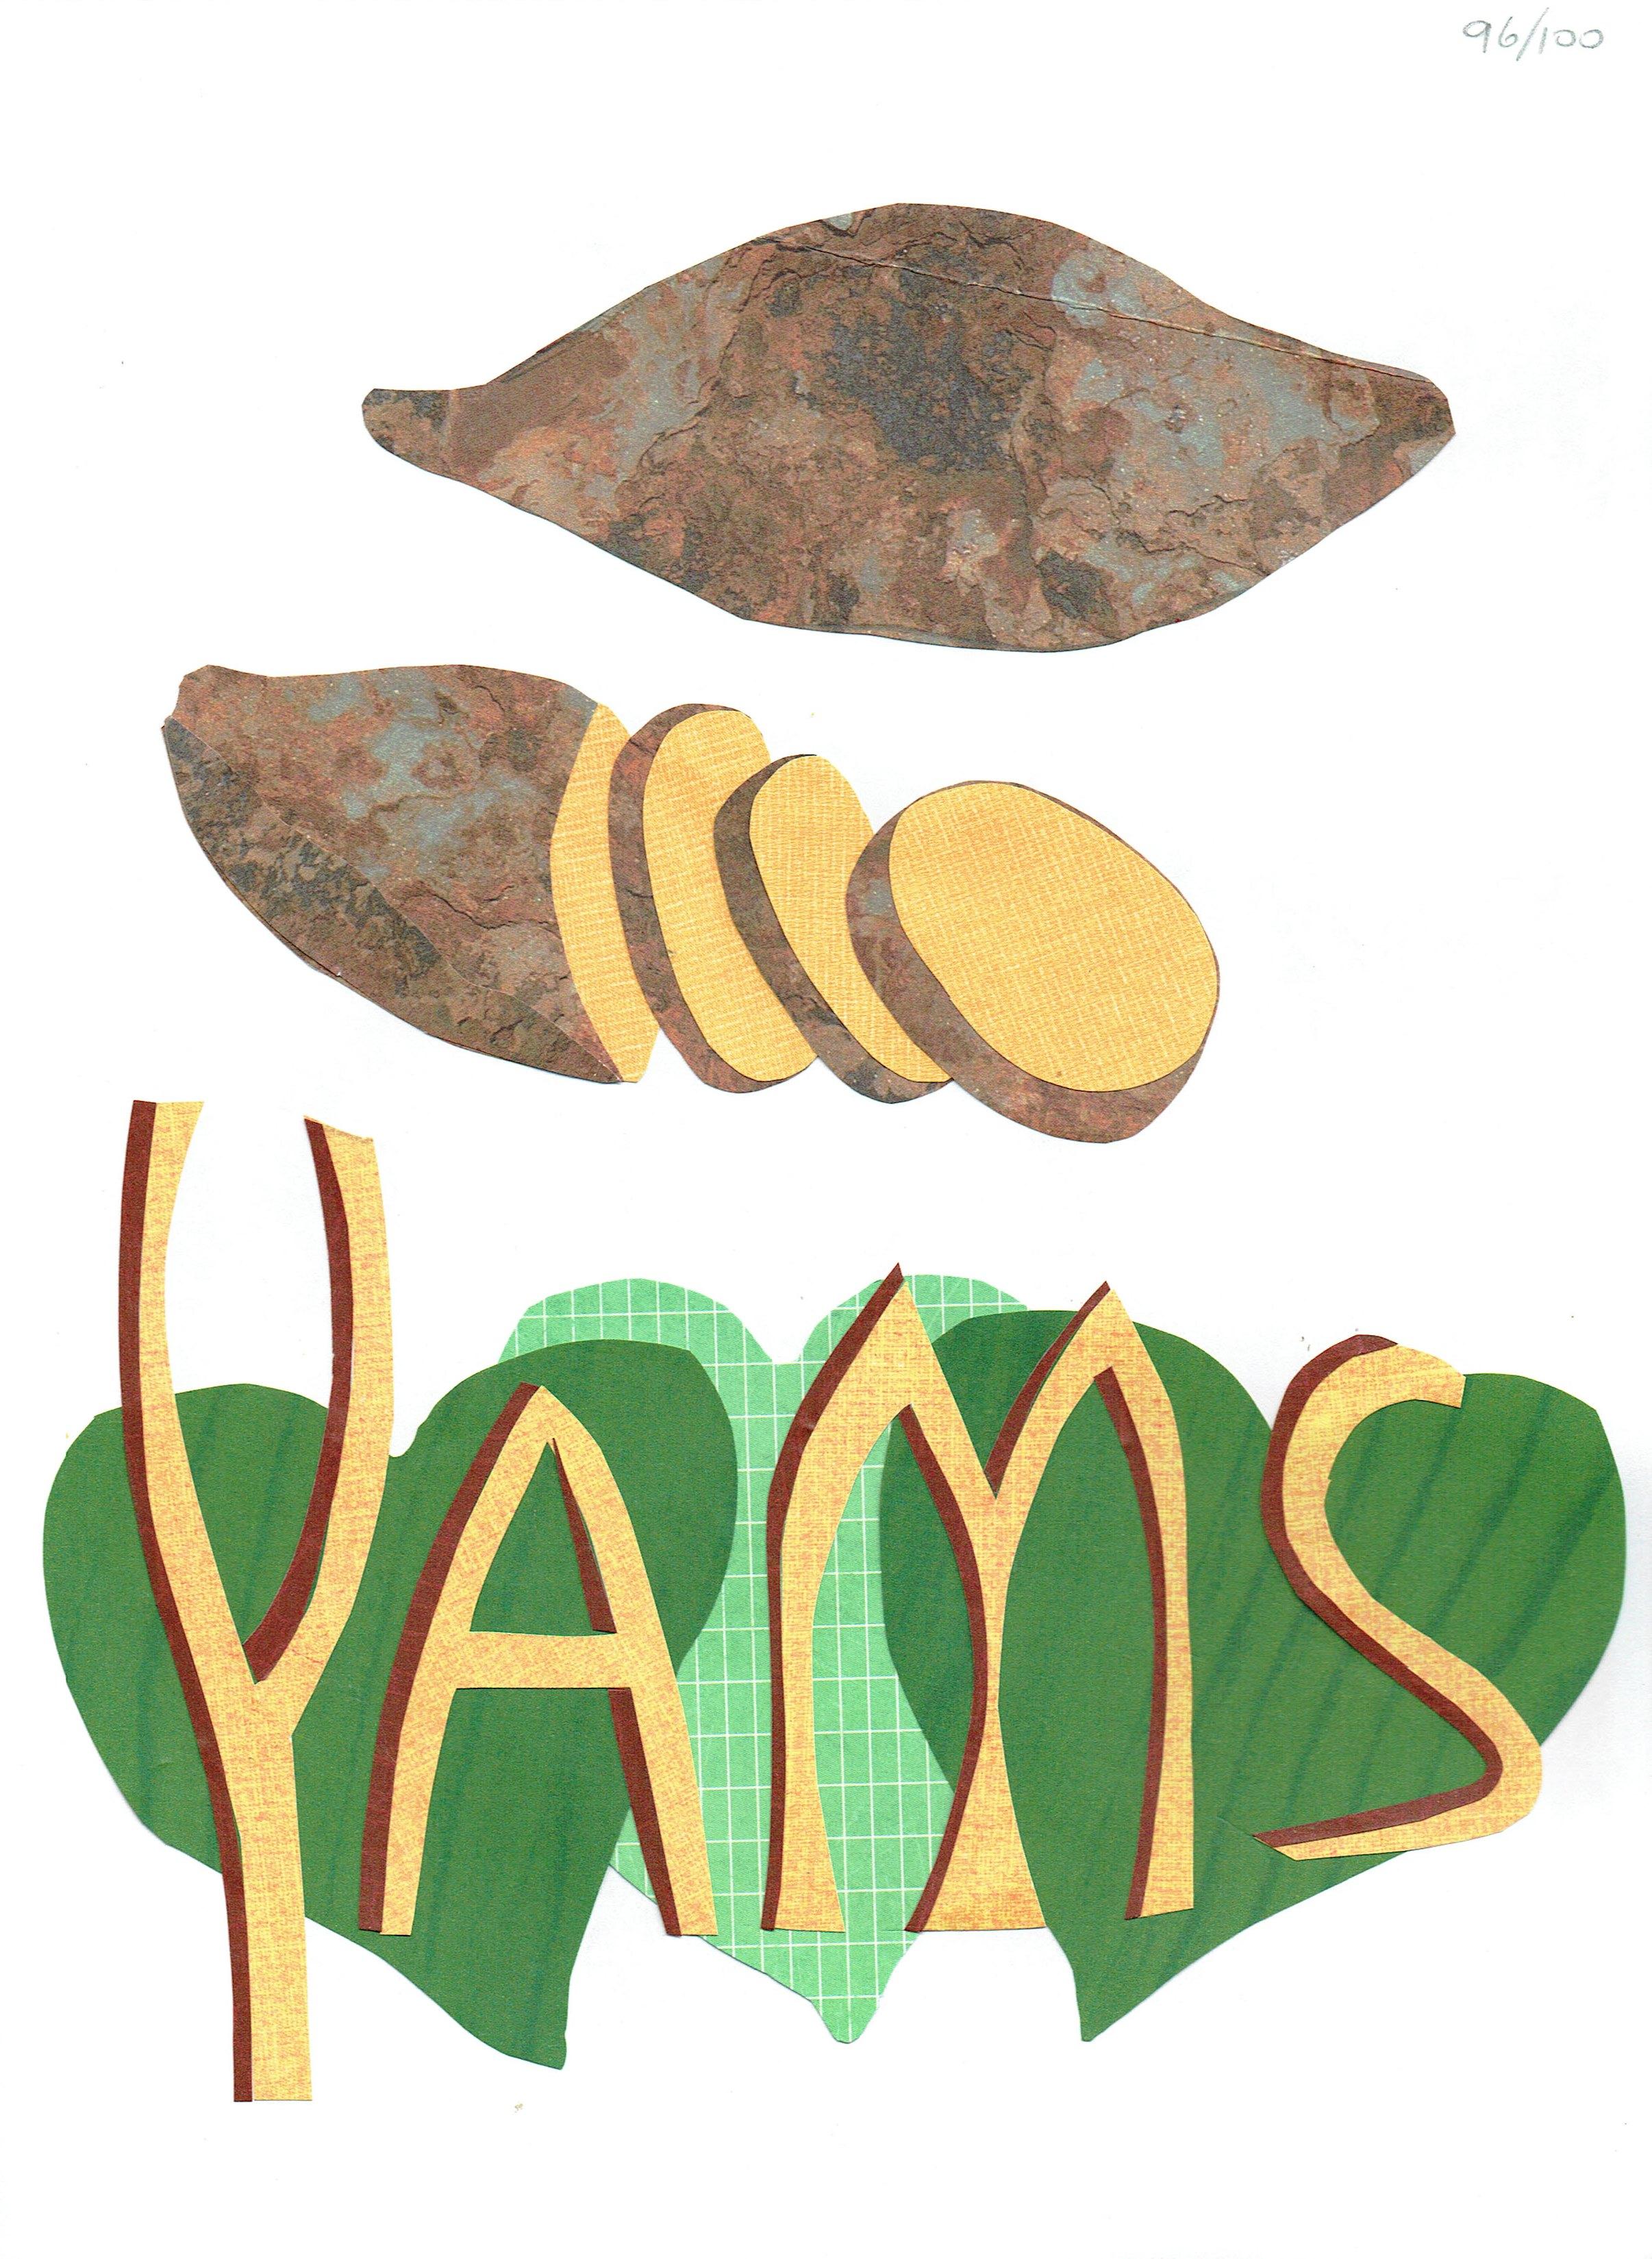 Day 96 - Yams